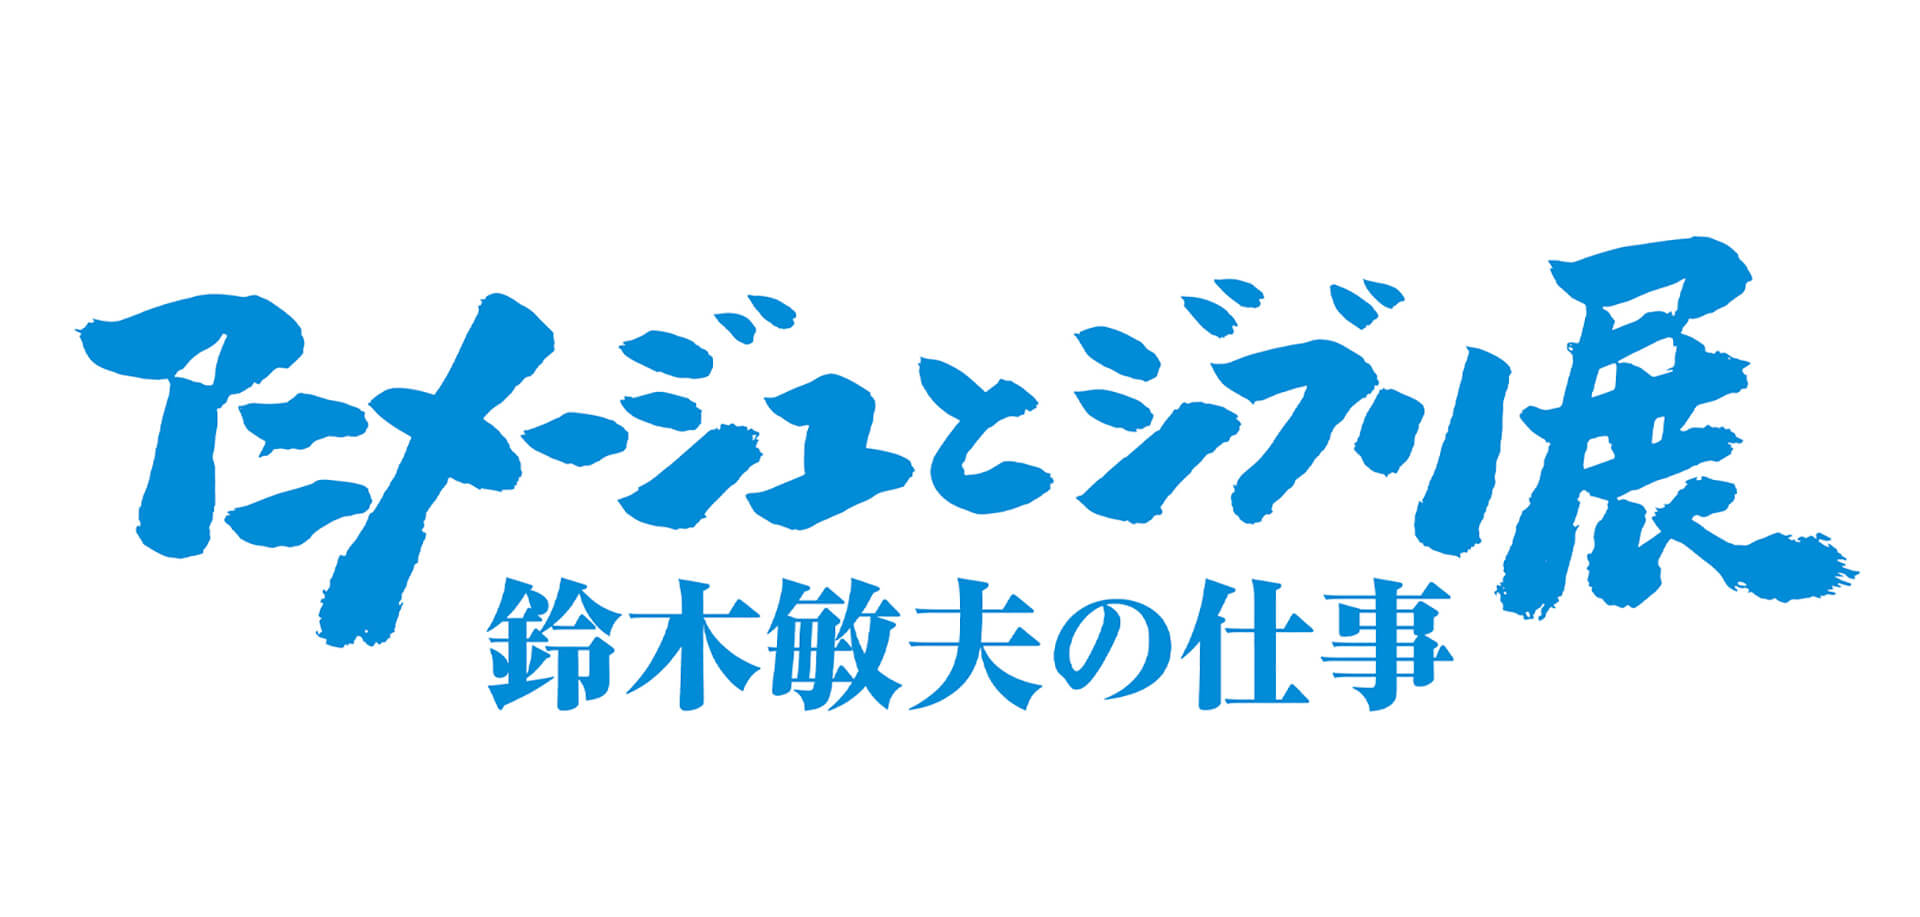 「アニメージュとジブリ展 ~鈴木敏夫の仕事~」それは、一冊の雑誌から始まった